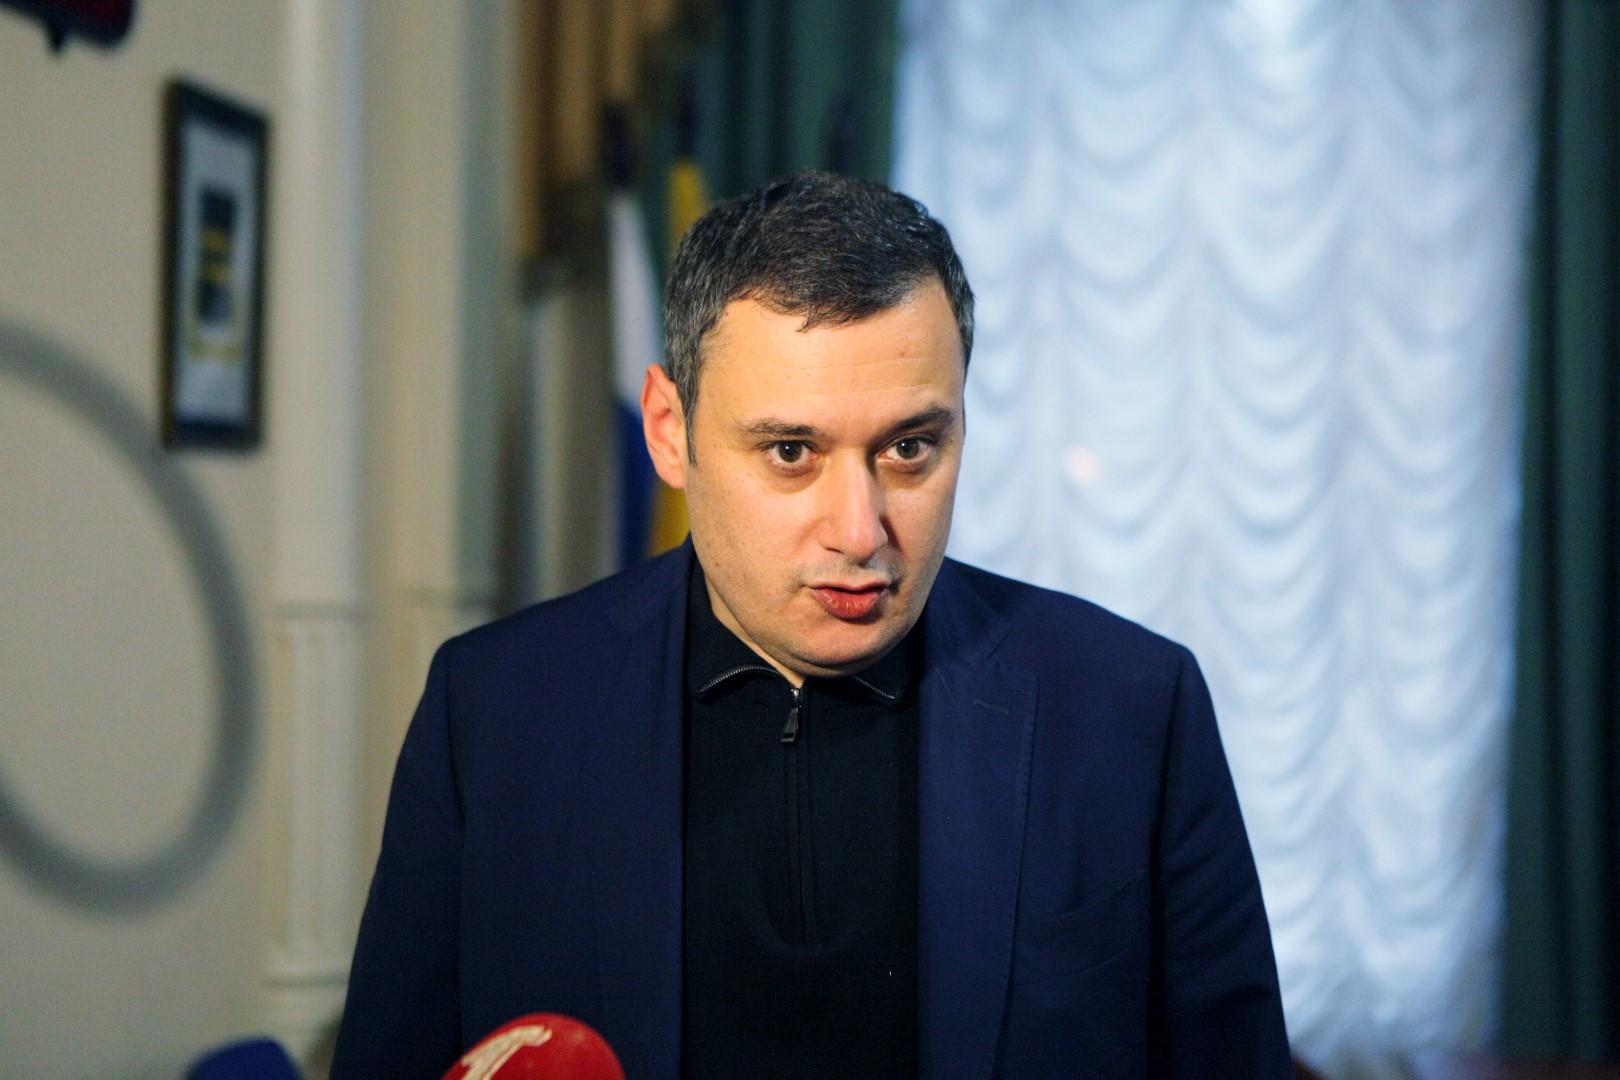 Александр Хинштейн: убийство в Переславле не имеет политической подоплеки